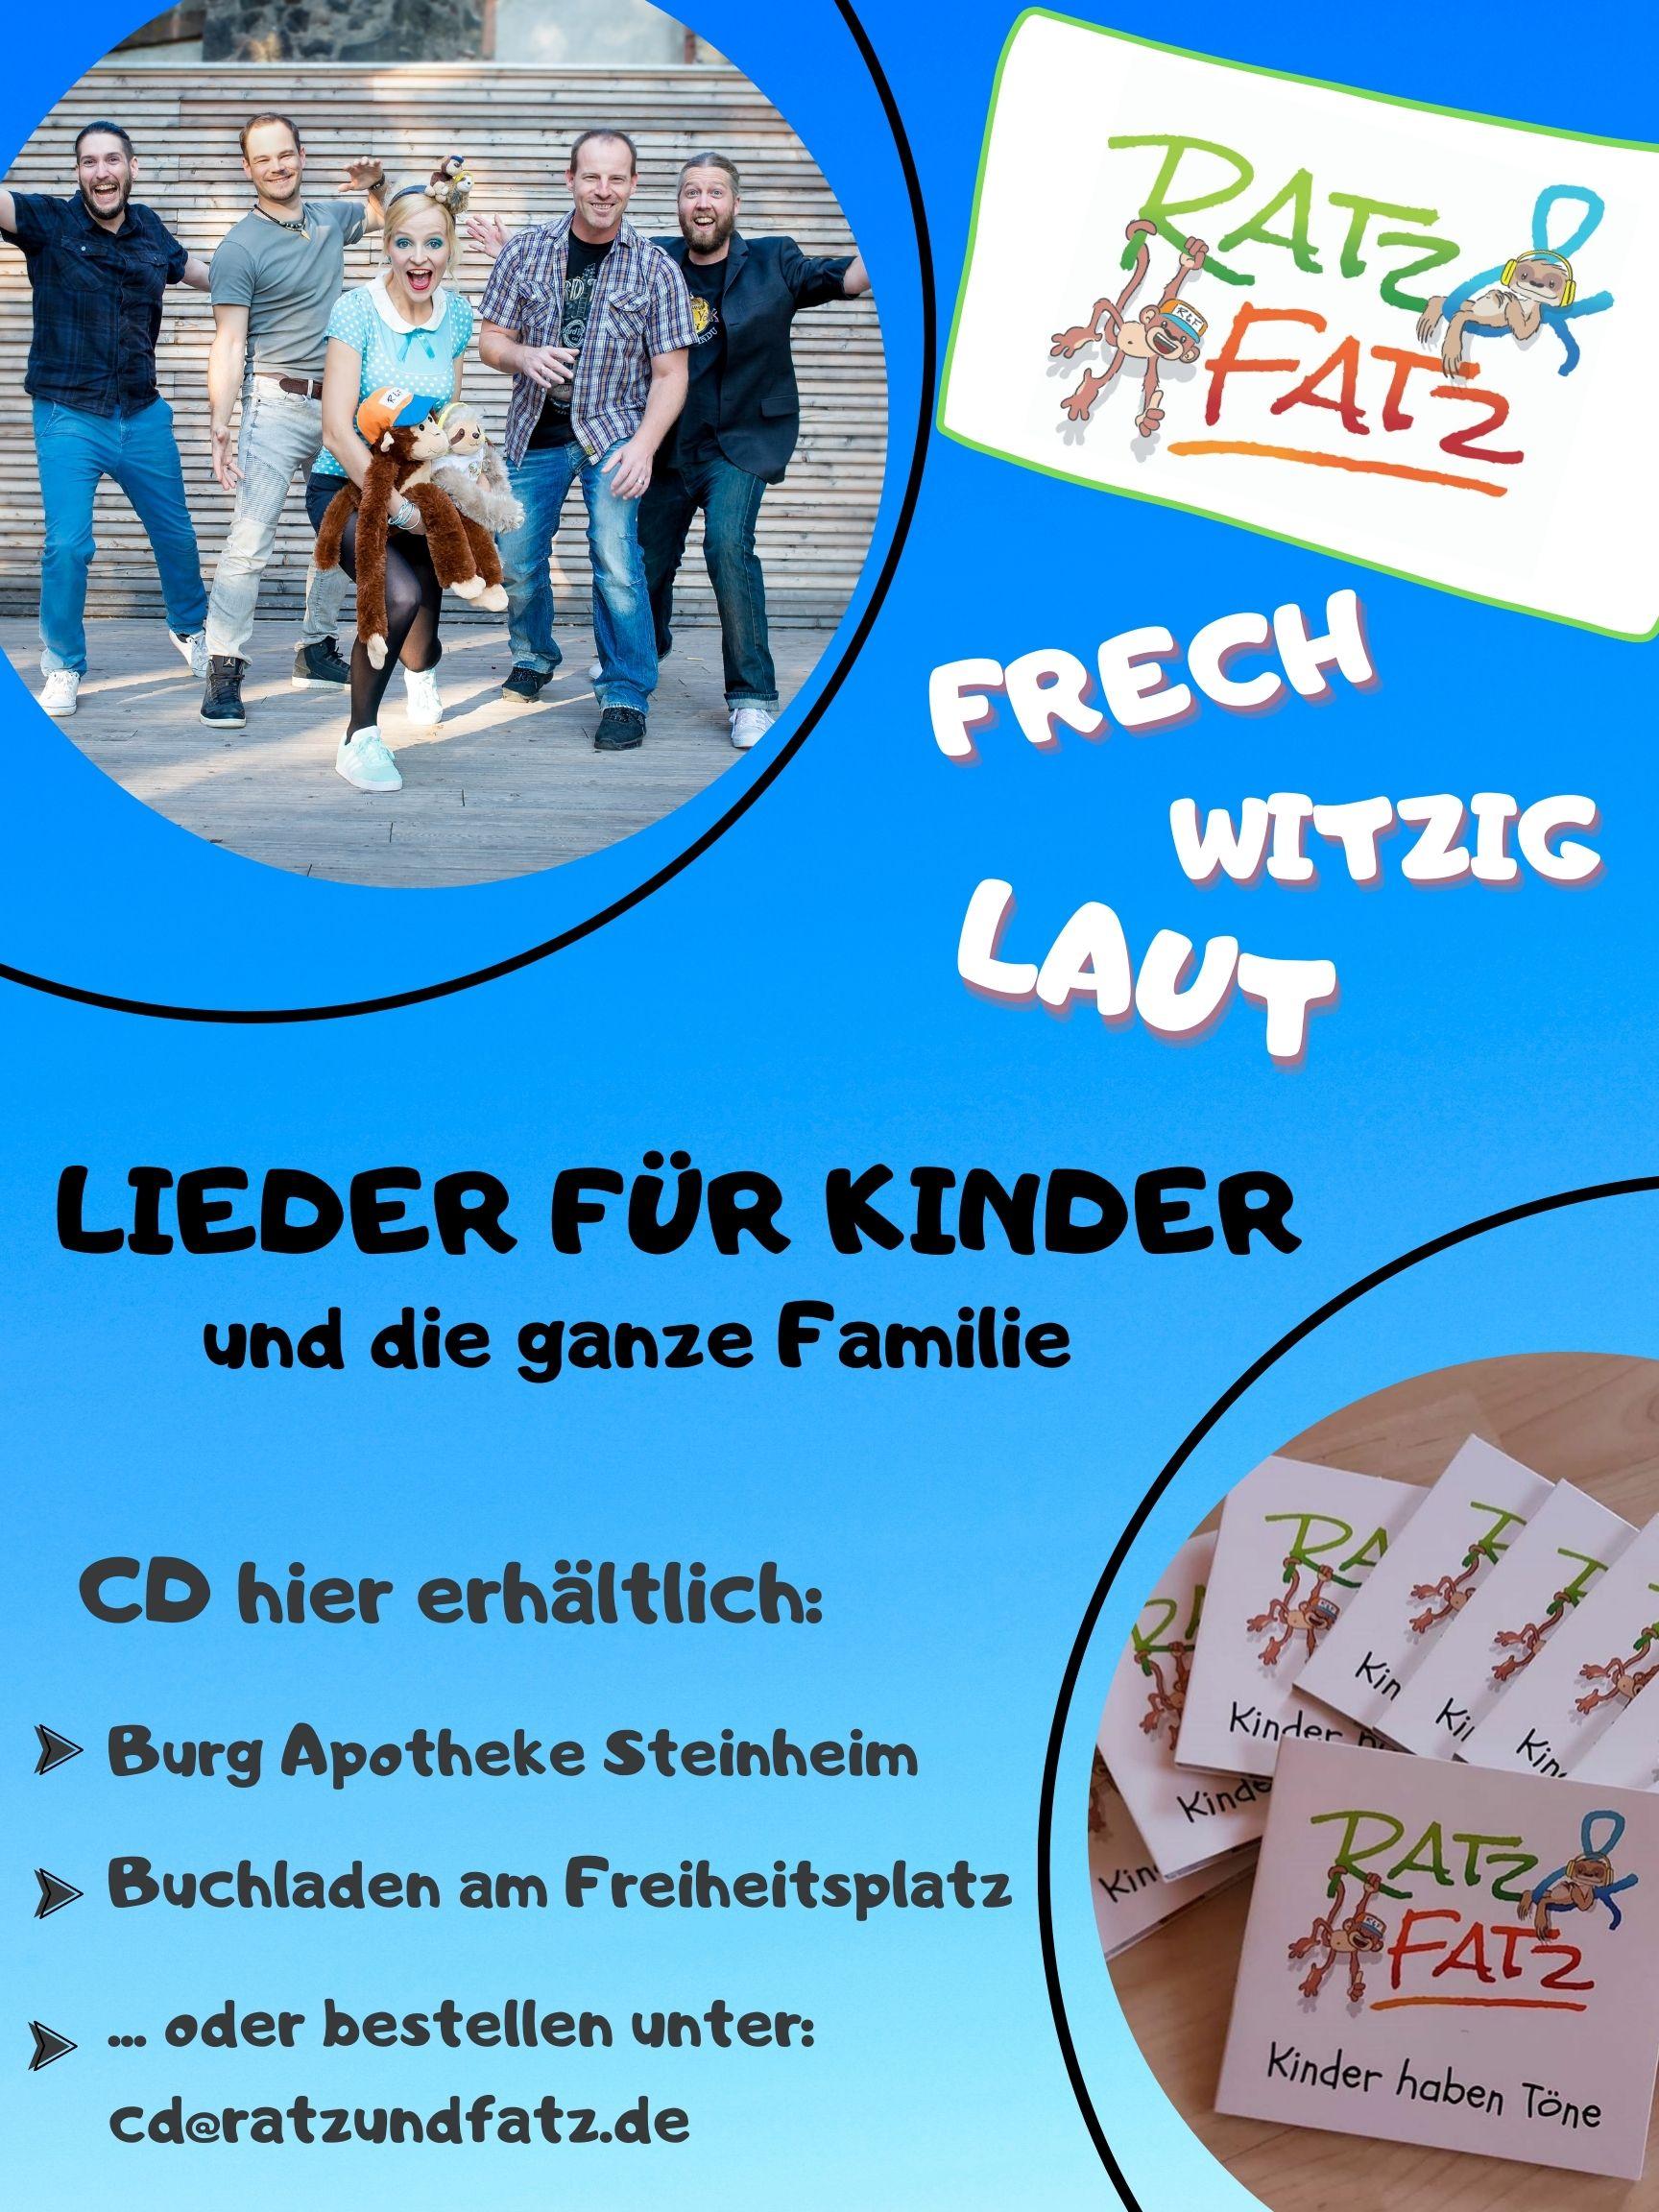 Plakat RATZ & FATZ